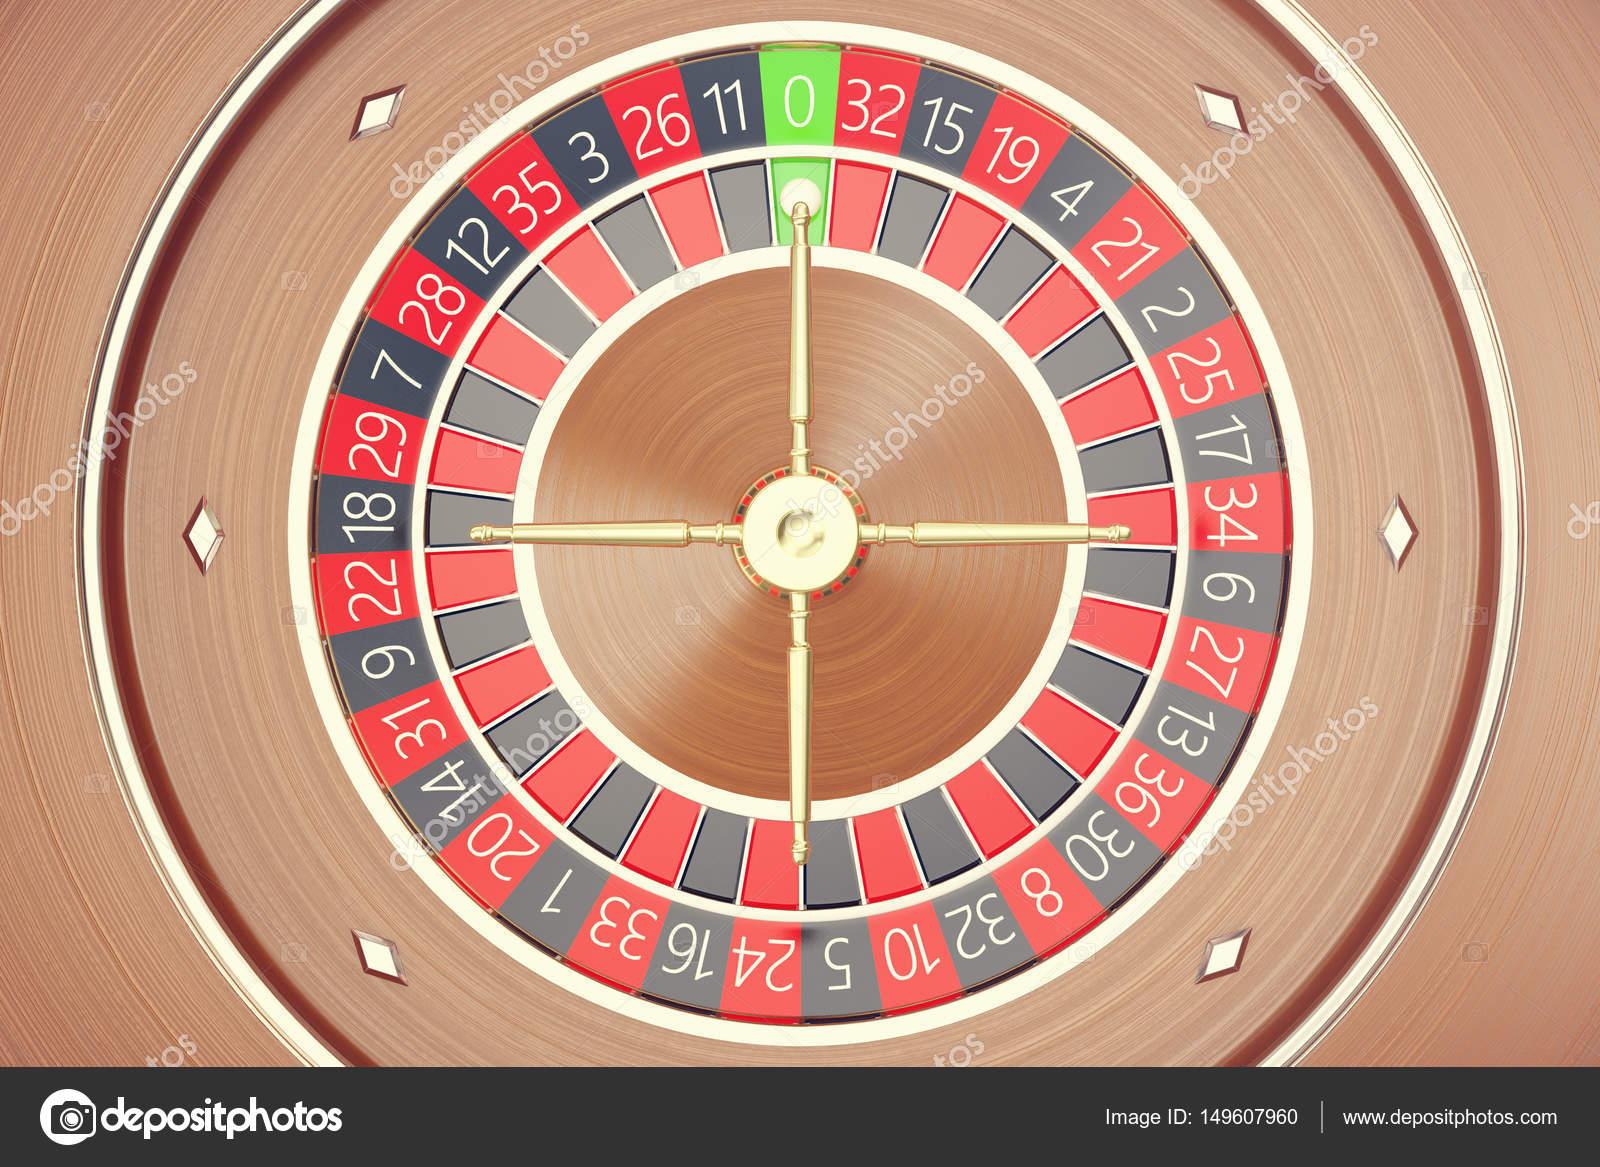 Лас-вегос казино рулетка rulet казино леон как выиграть 100000 рублей за месяц